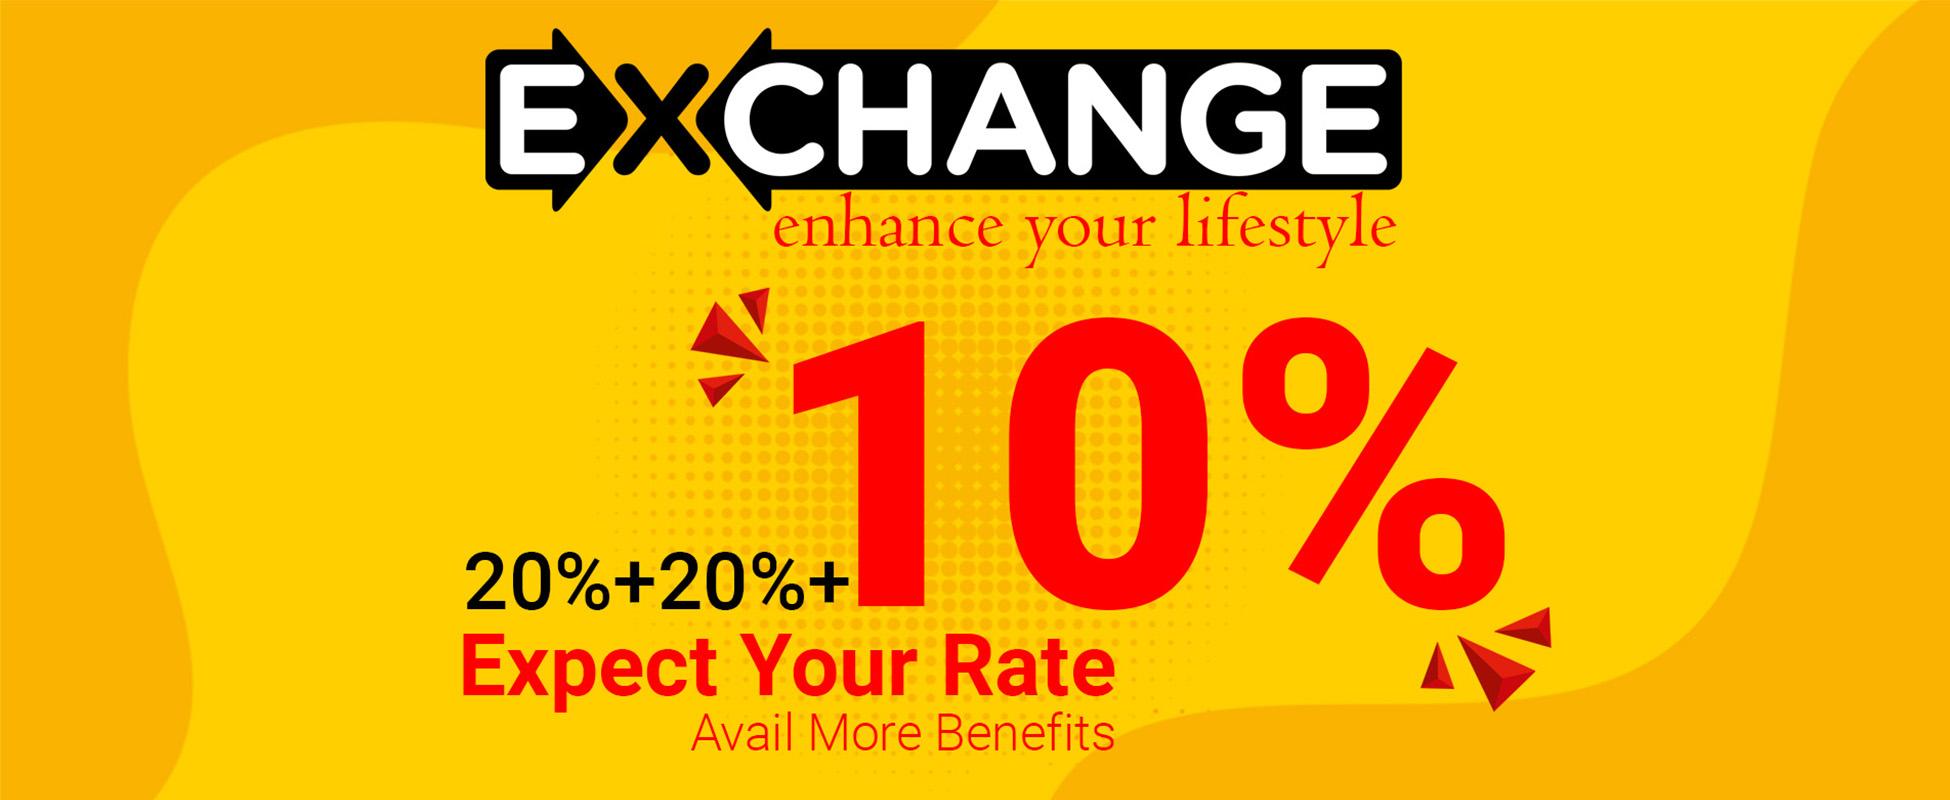 catalog/banner/exchange-newyear.jpg